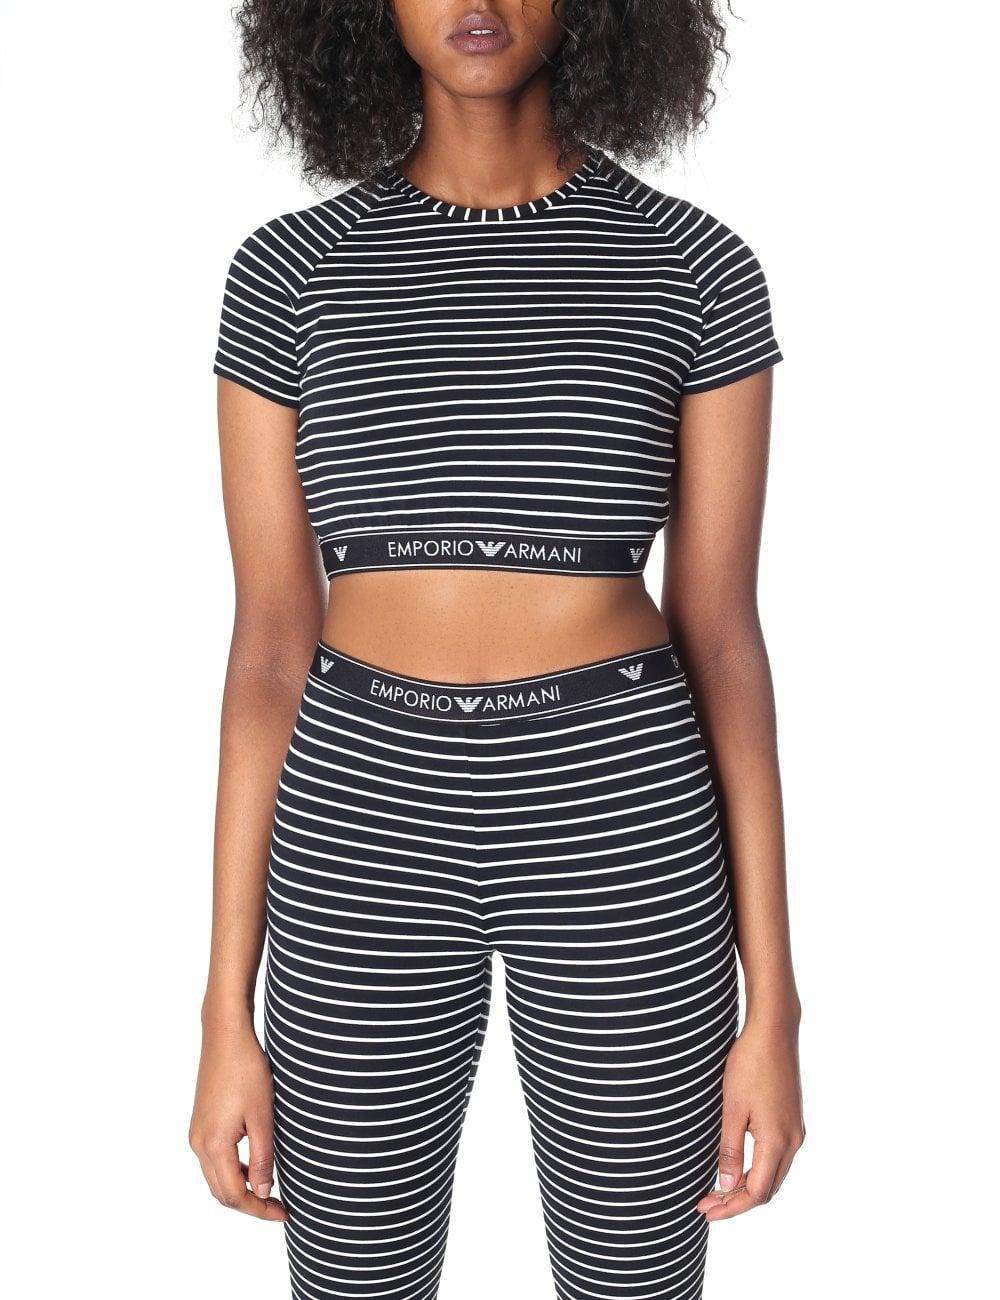 4e4cc70e92ef65 Emporio Armani Women s Stripe Crop Top